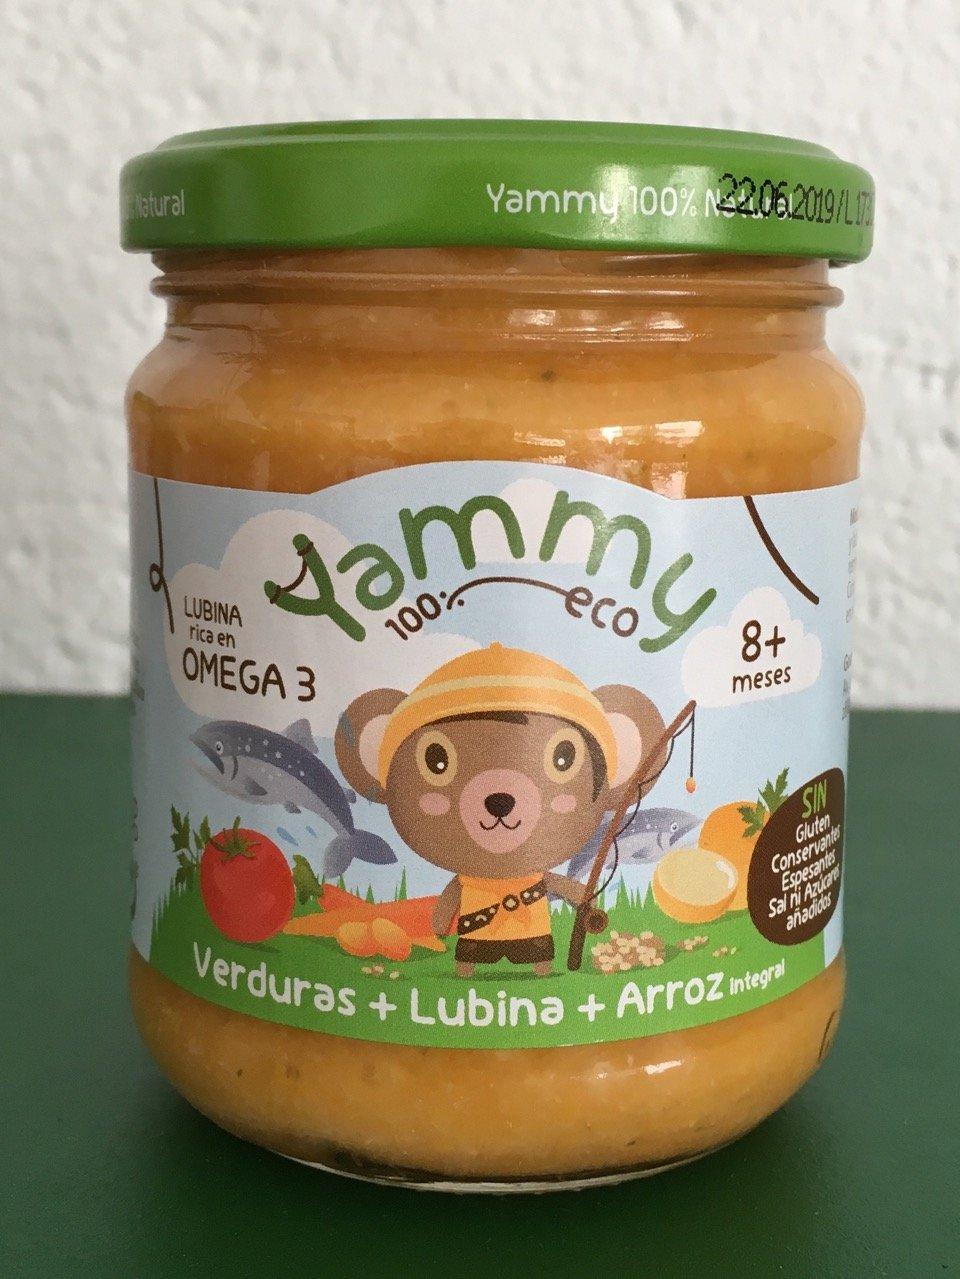 Yammy - Potito Ecológico de Pescado: Verduras+Lubina+Quinoa Pack 6 Unidades: Amazon.es: Alimentación y bebidas